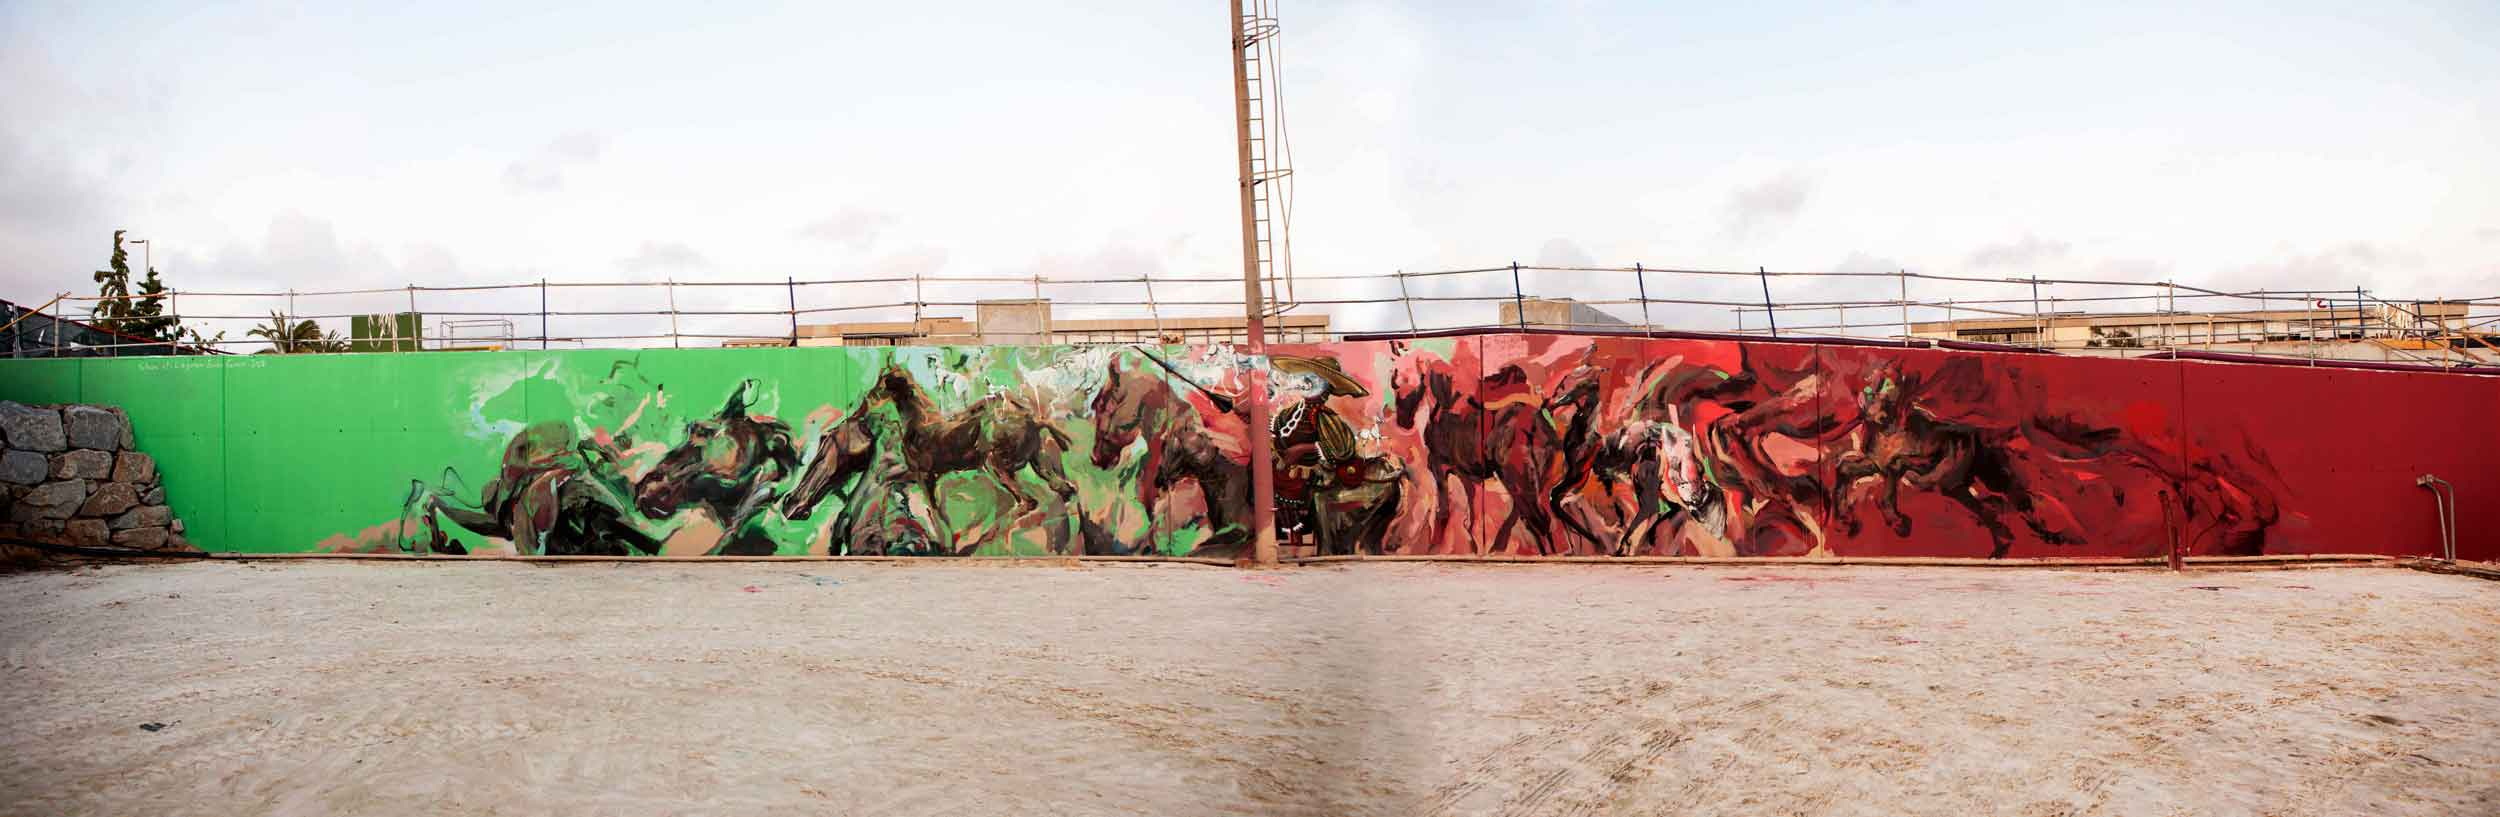 brooklyn-street-art-skount-laguna-emilio-cerezo-barcelona-10-15-web-5